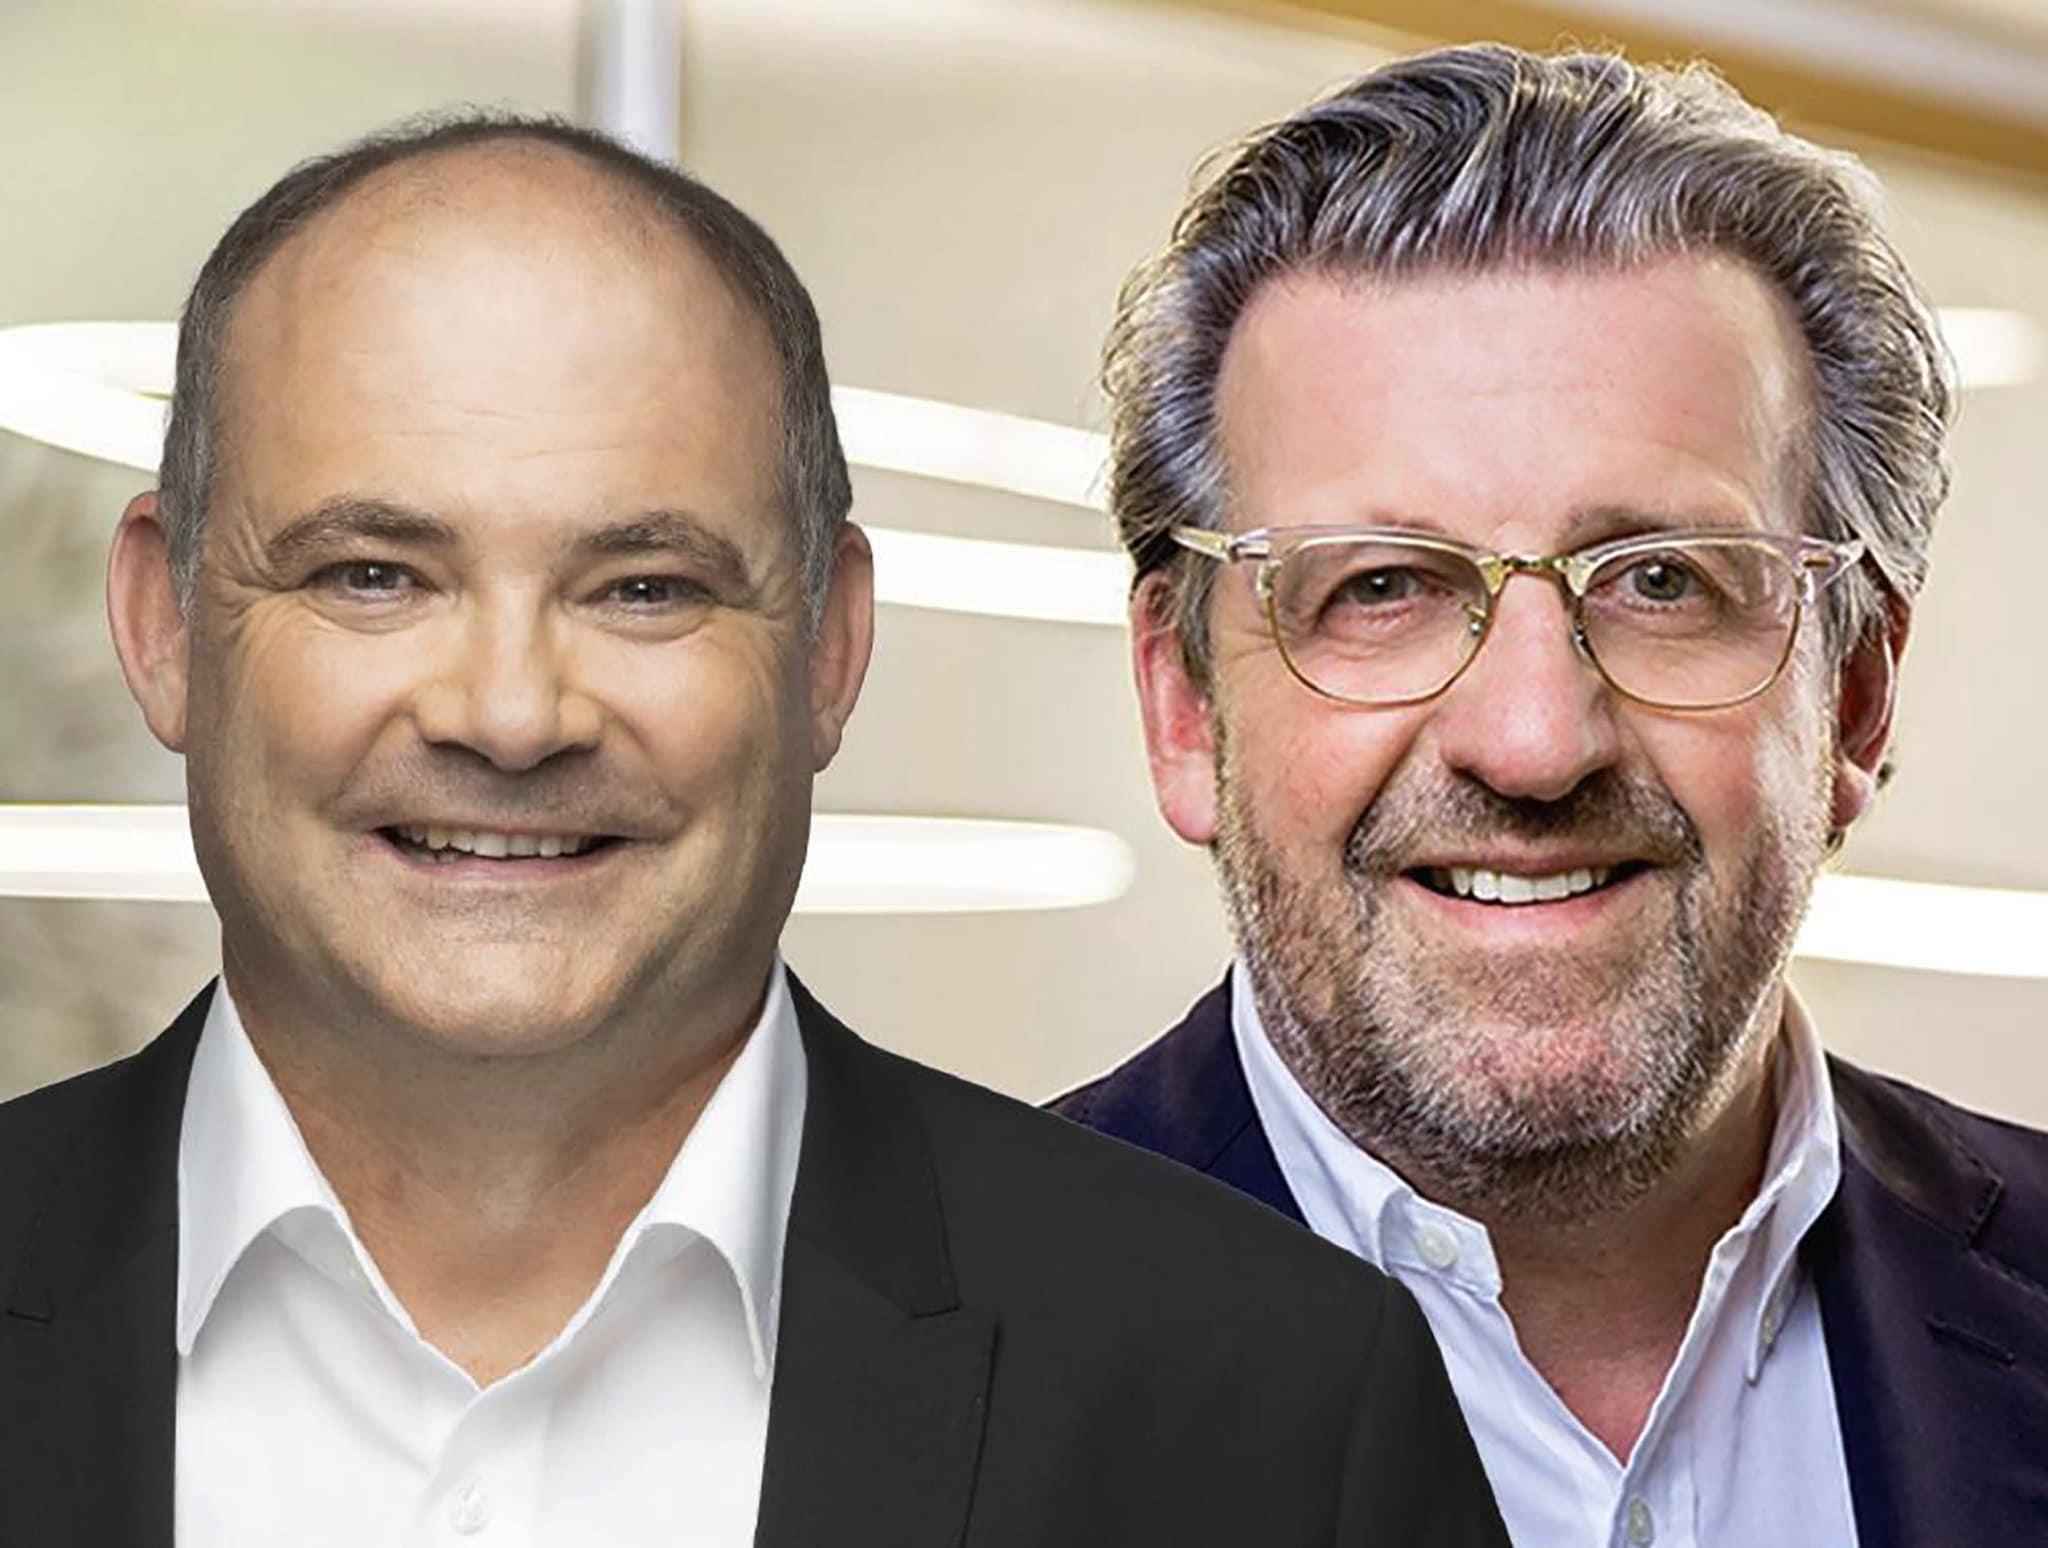 Landtagsabgeordneter der CDU, Stefan Teufel (links),  und ElringKlinger-CEO, Dr. Stefan Wolf laden auf Donnerstag, 4. März 2021 um 19.00 Uhr zu einer Videokonferenz ein. Foto: pm